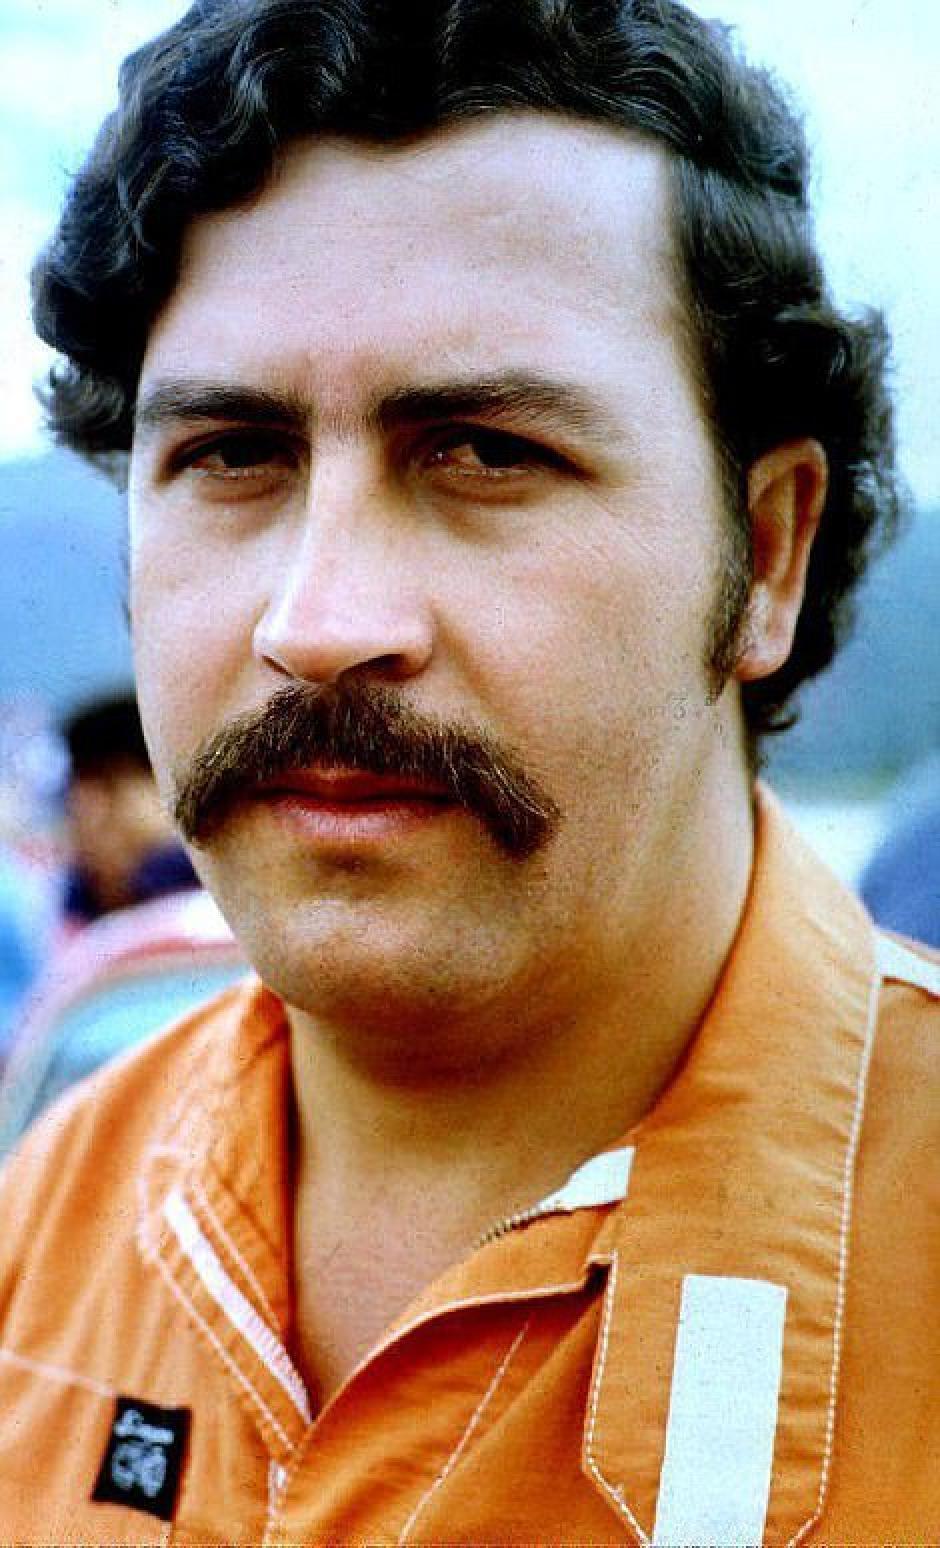 Pablo Escobar es el narcotraficante más famoso del mundo. (Foto: Dailymail)